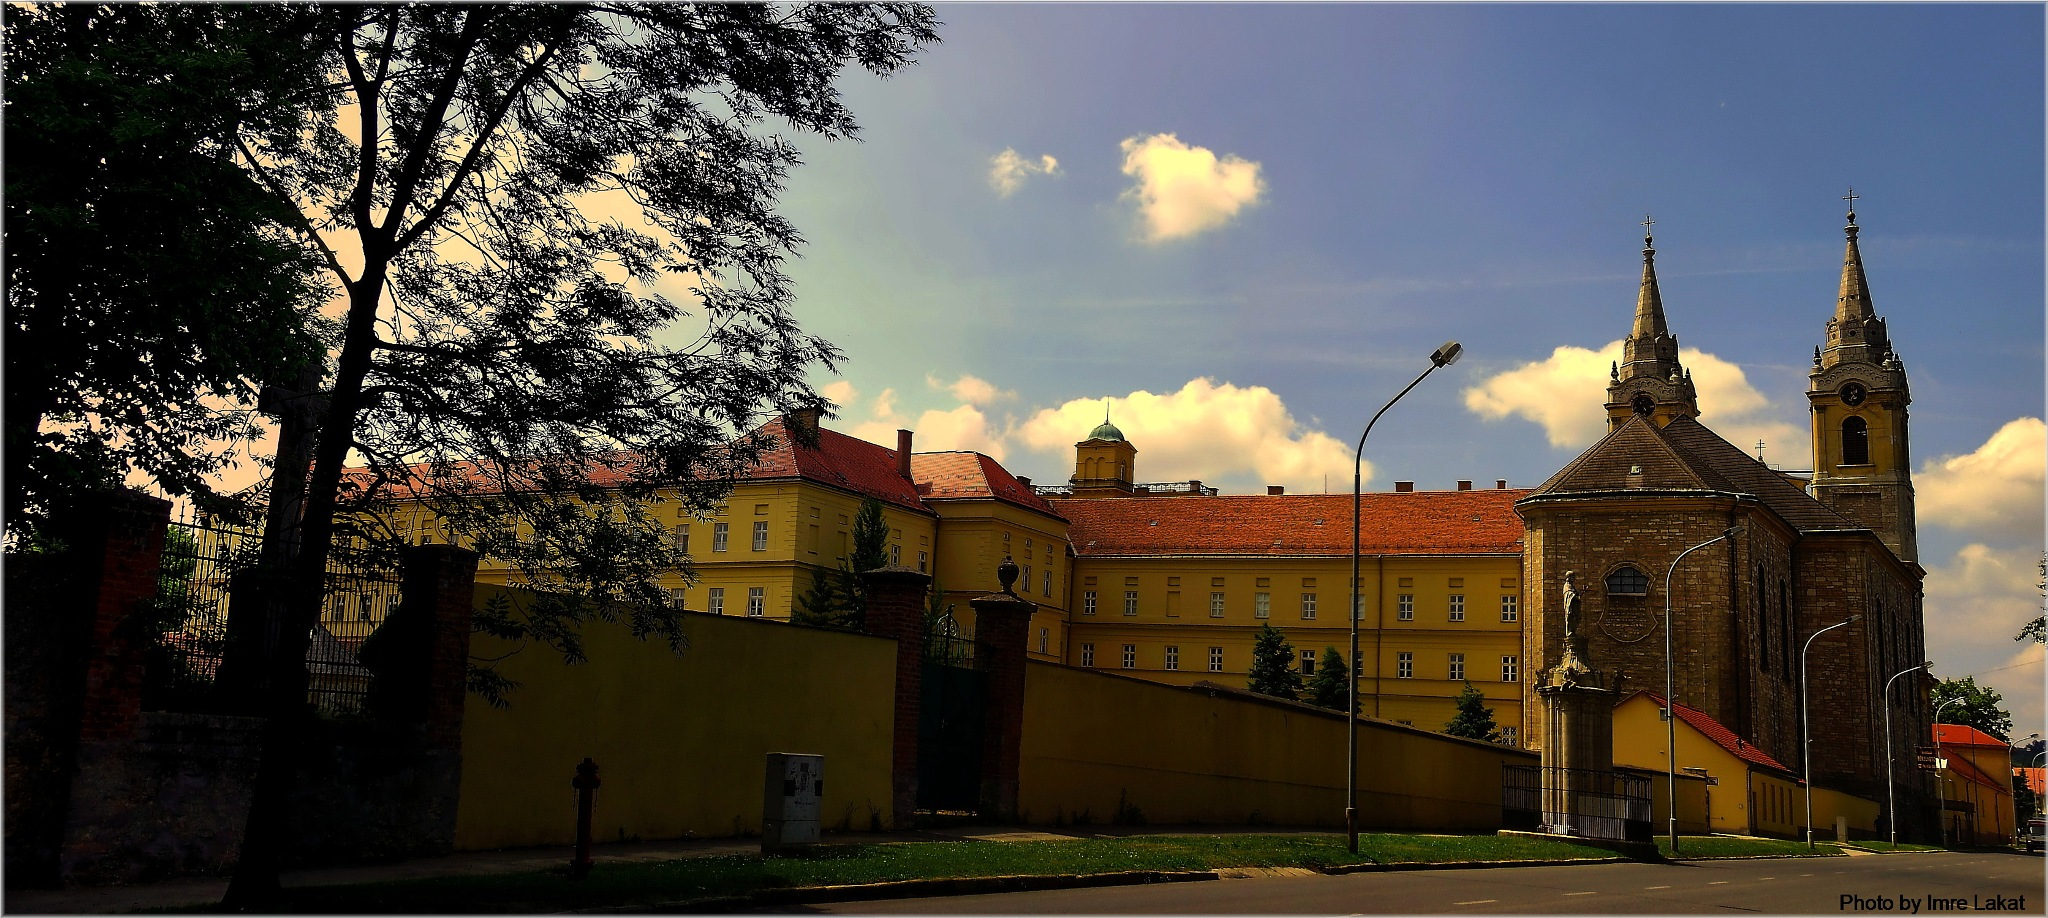 Nagyboldogasszony-bazilika .   8420 Zirc, Fáy András utca 1, Magyarország   by Imre Lakat